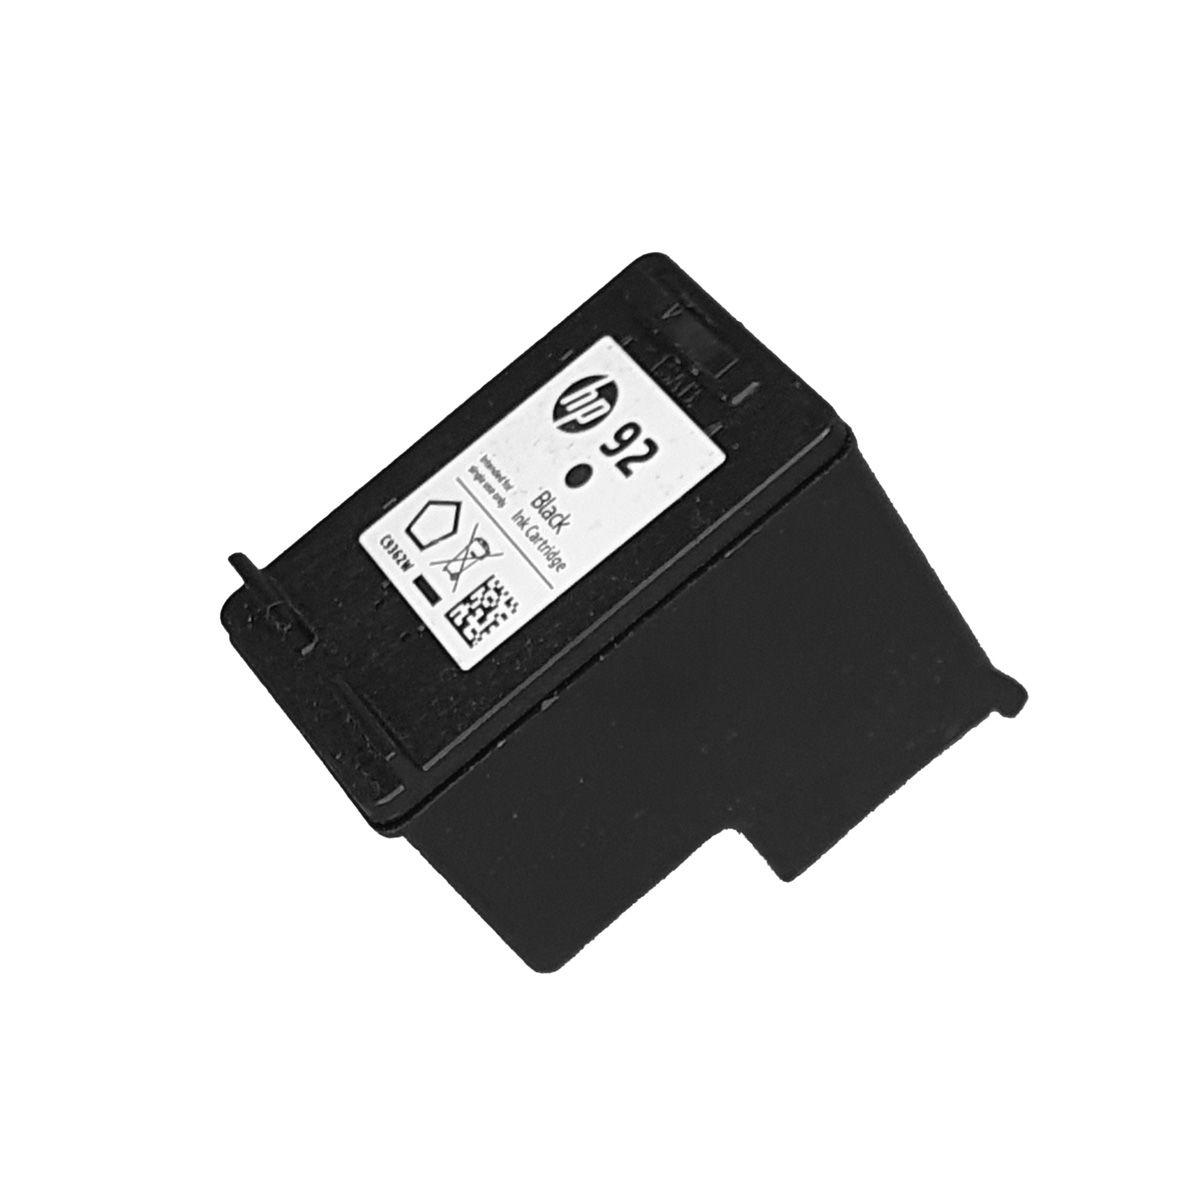 Cartucho HP 92 C9362WL Preto para 1510 c3180 C4180 d5440 psc1500